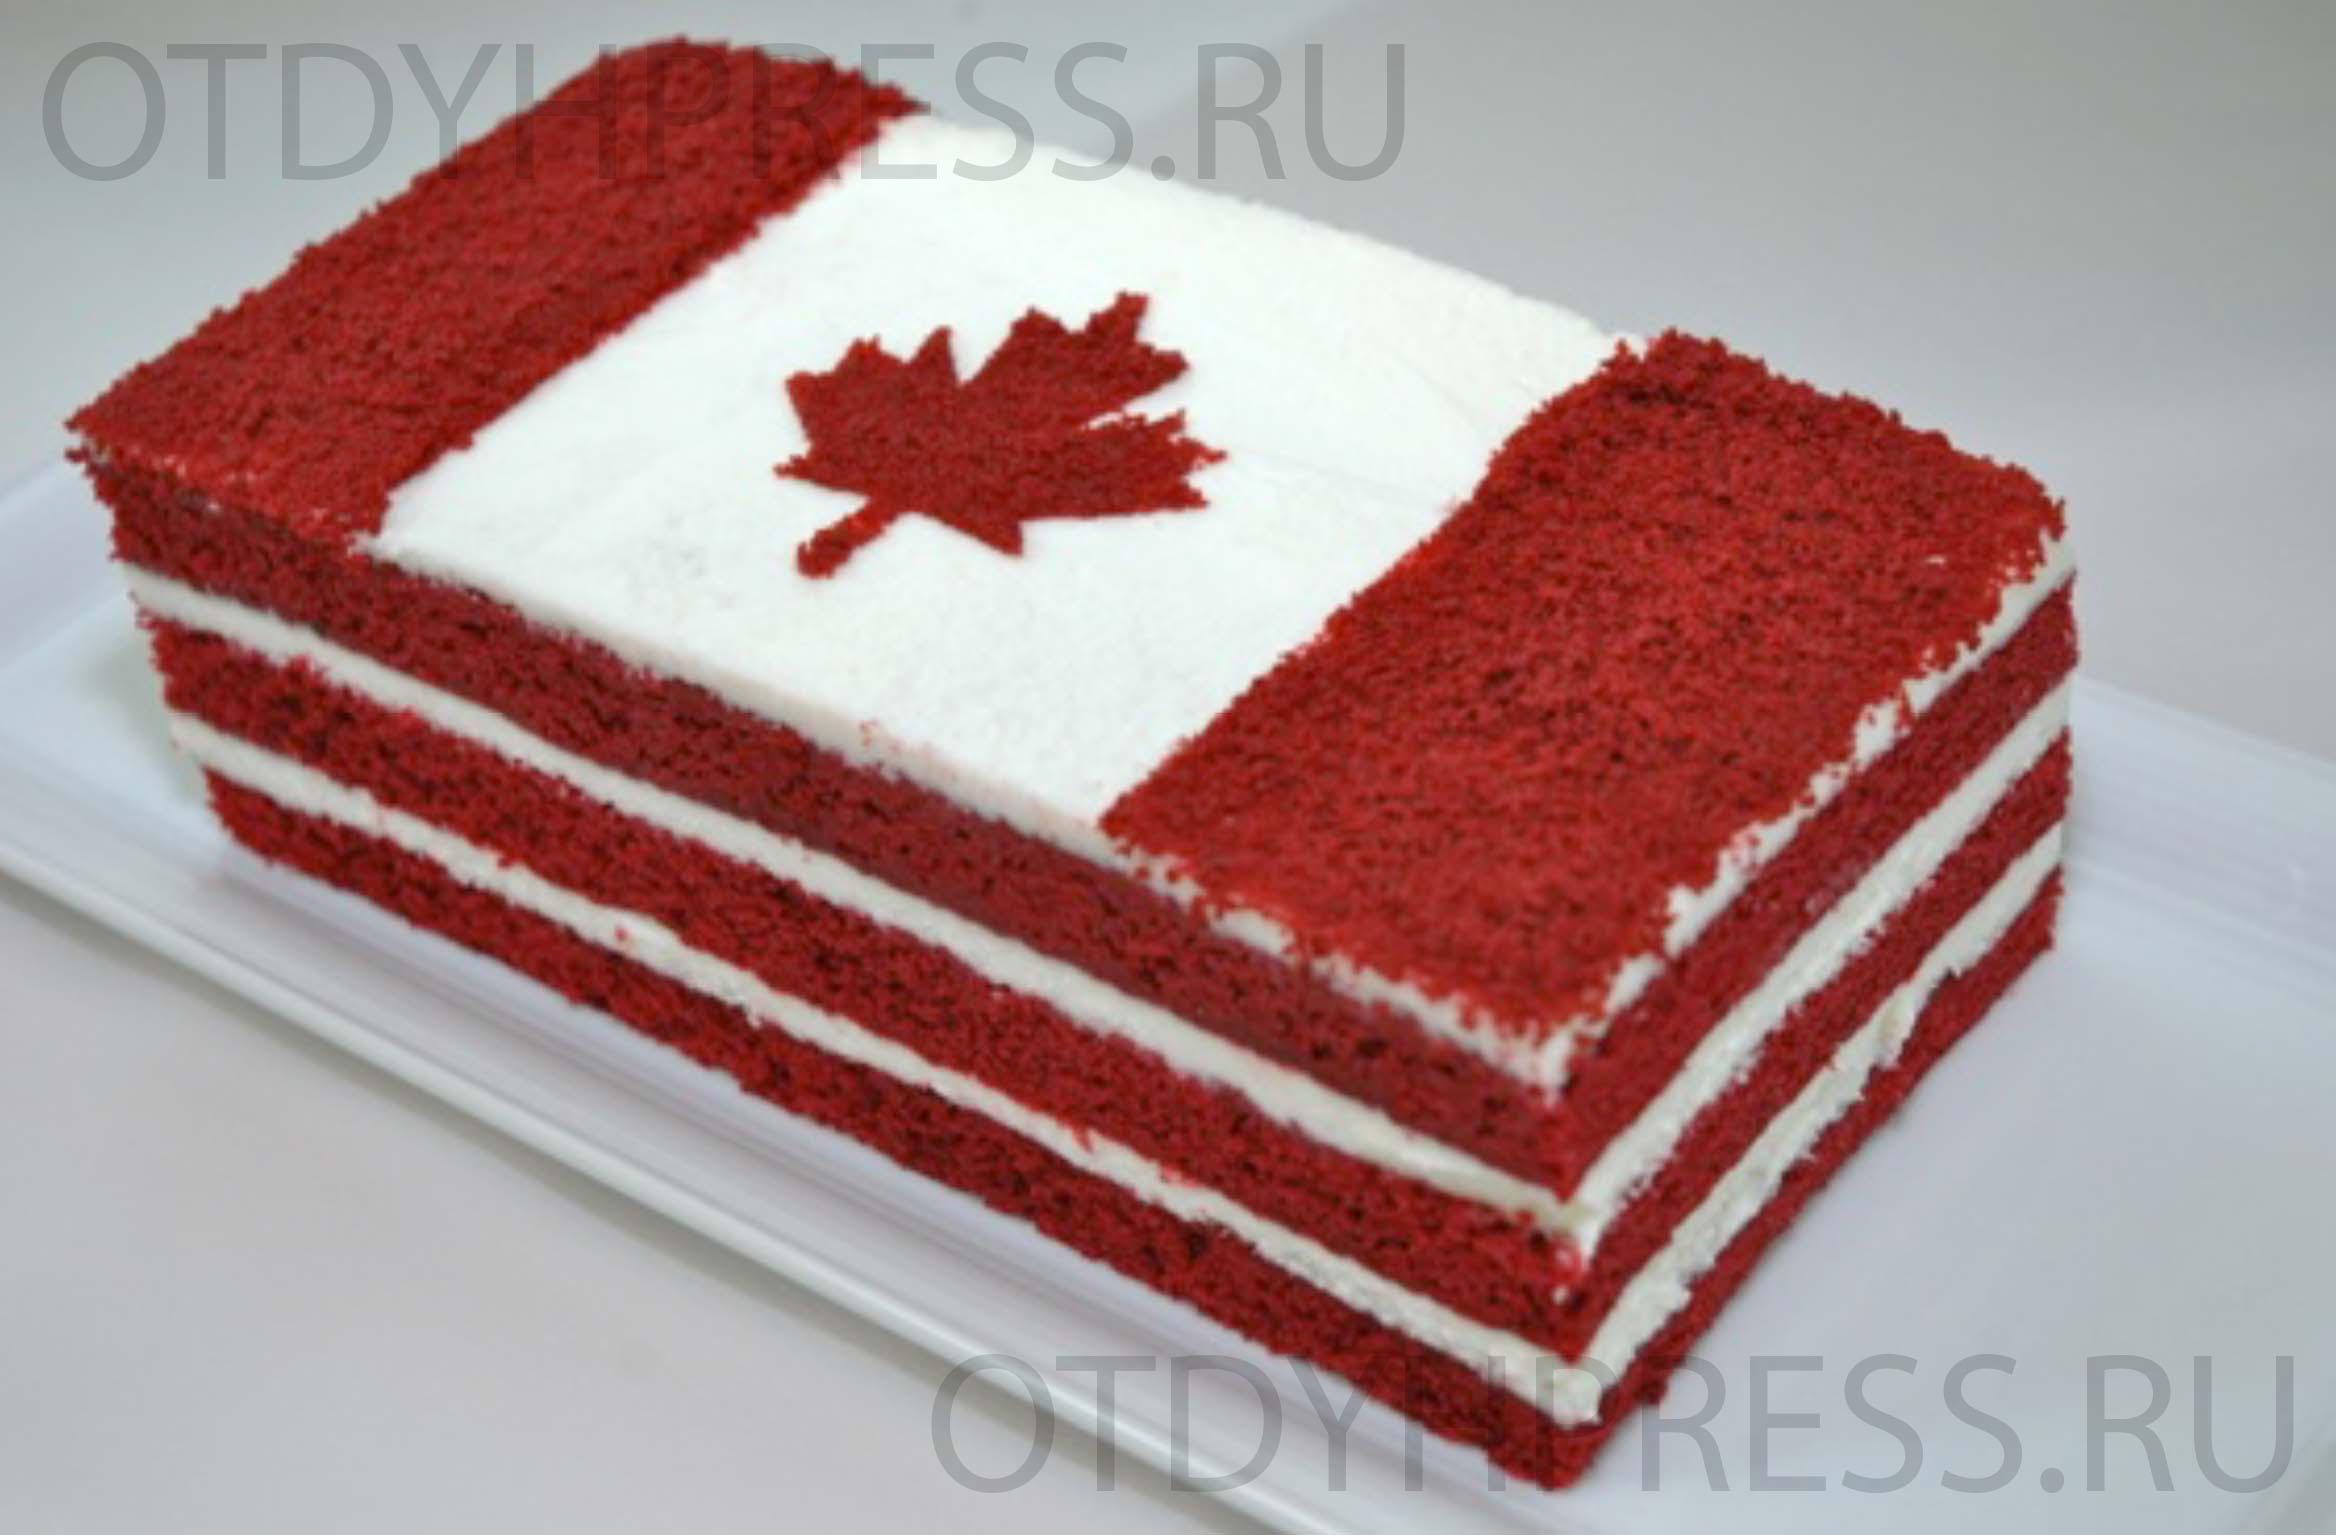 Торт с флагом Канады